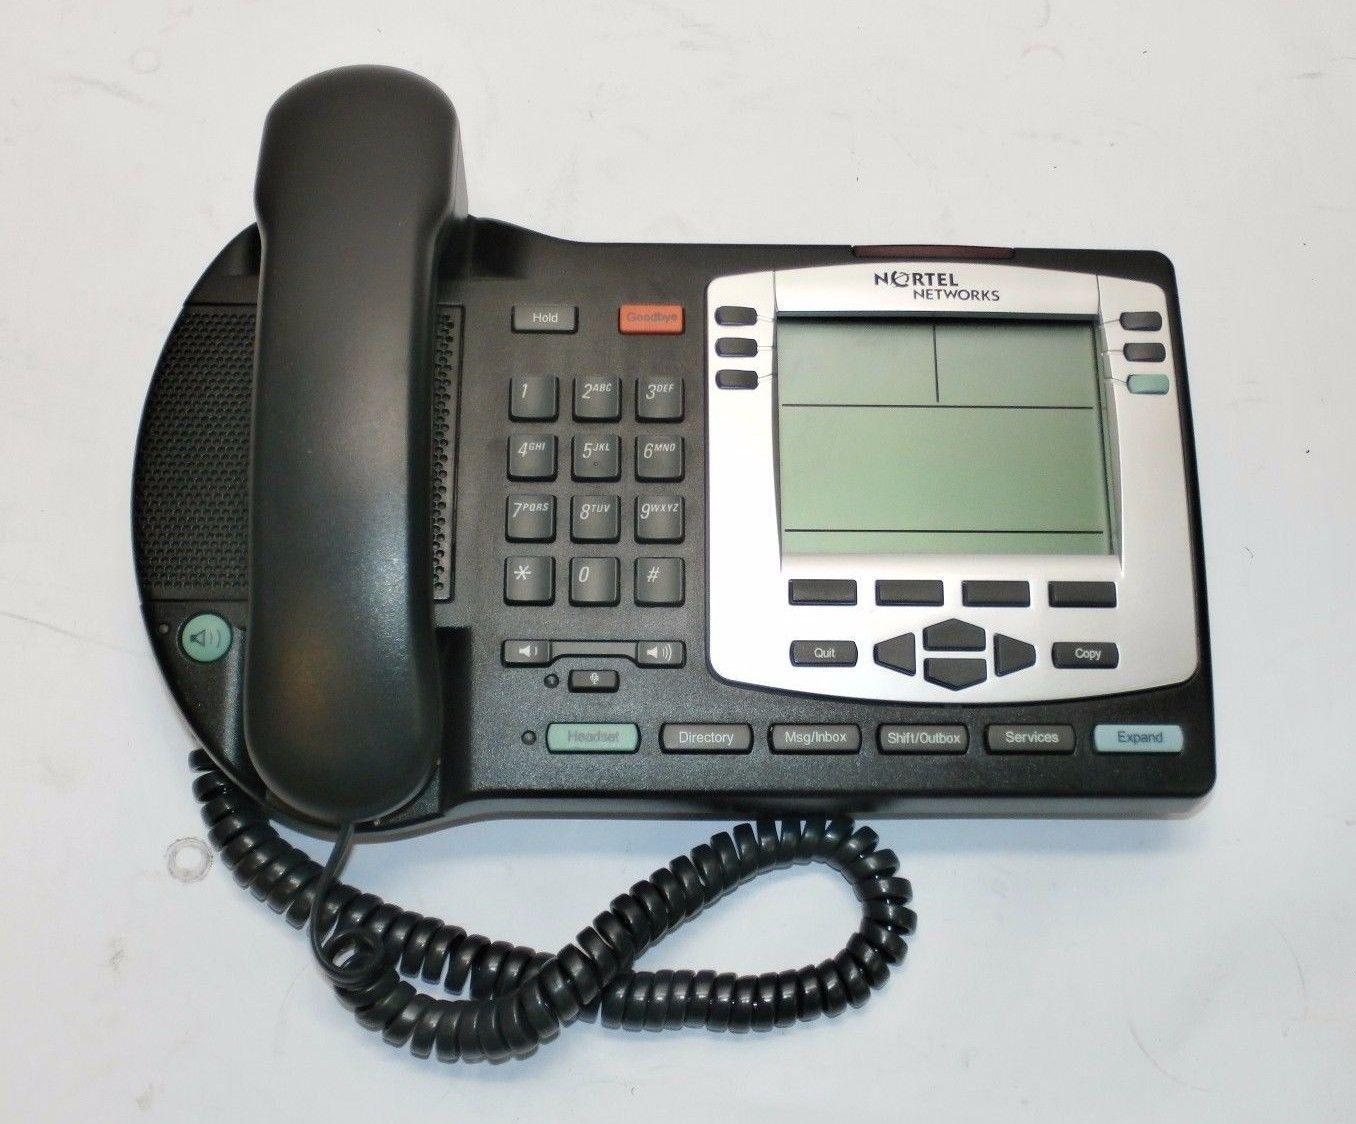 nortel networks phone manual ntdu92